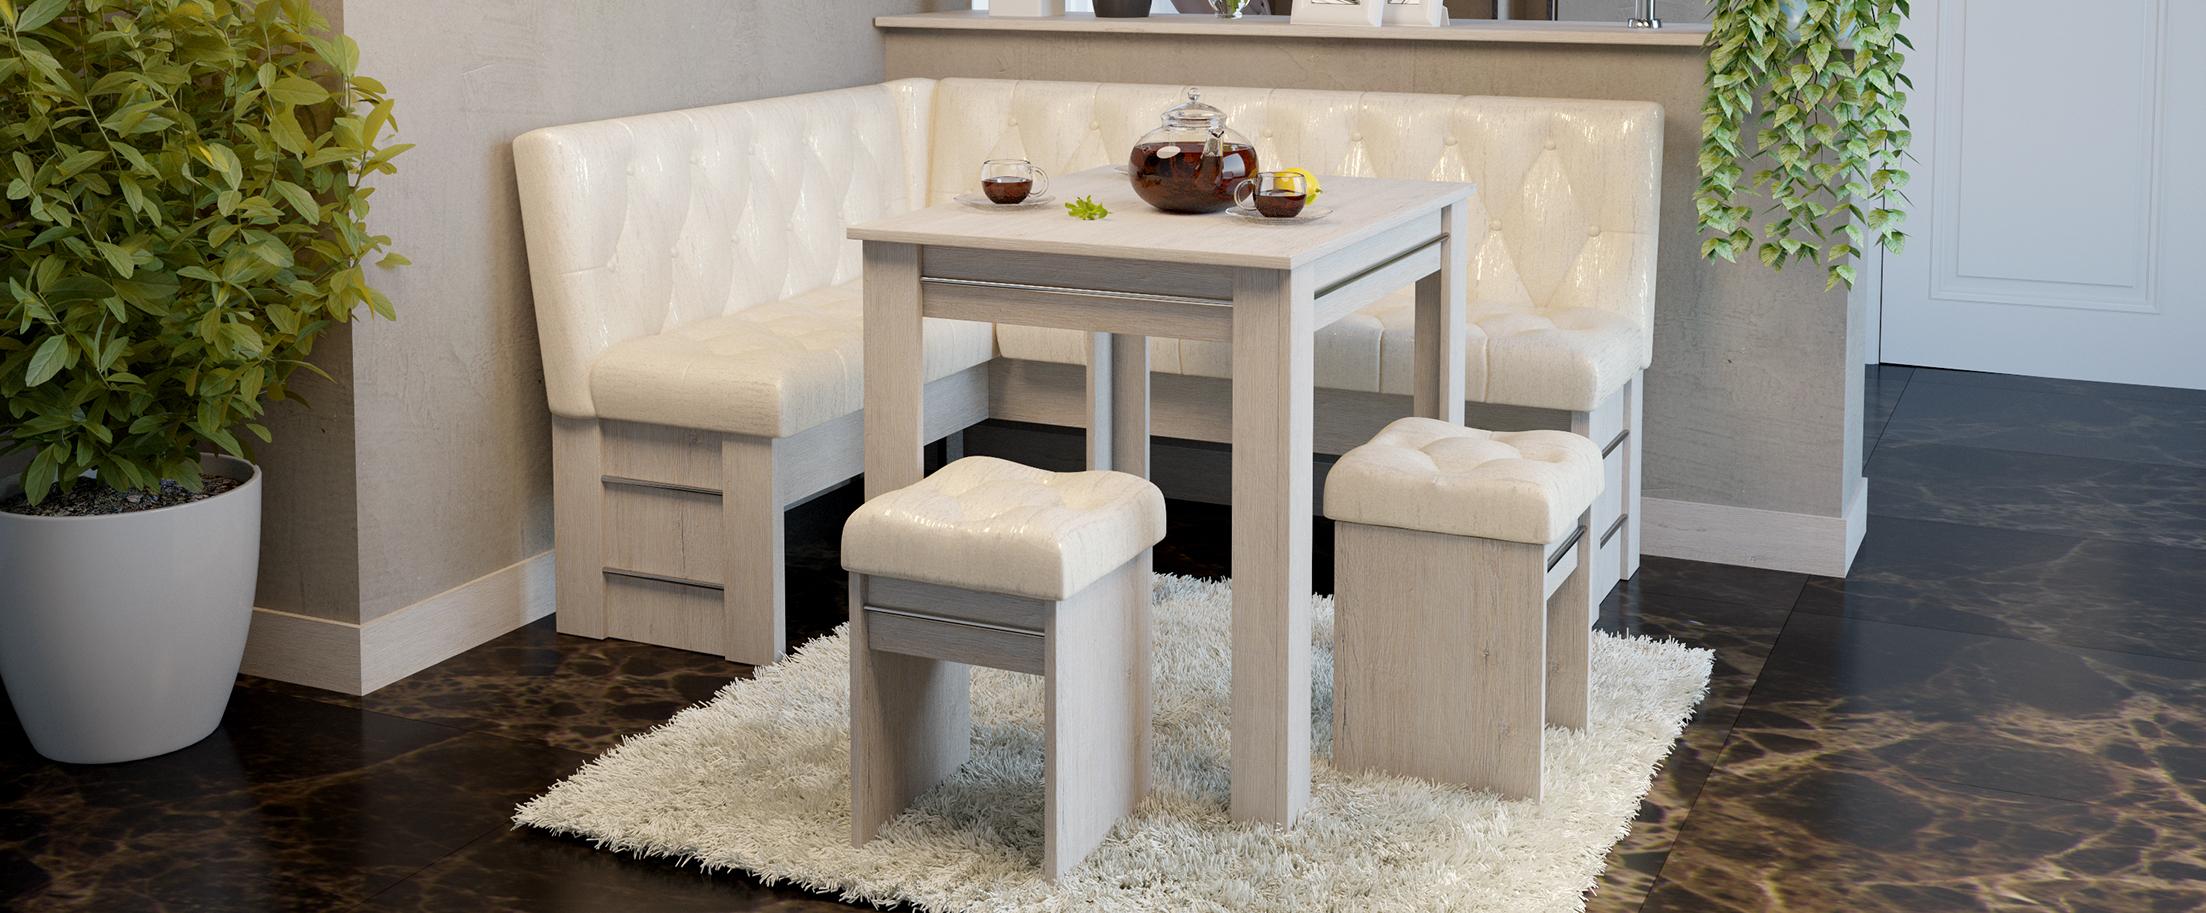 Кухонный уголок ПармаКухонный уголок Парма выполнен в стильном дизайне и органично дополнит любой современный интерьер, будет гармонично смотреться на вашей кухне, притягивая восторженные взгляды домочадцев и гостей<br>